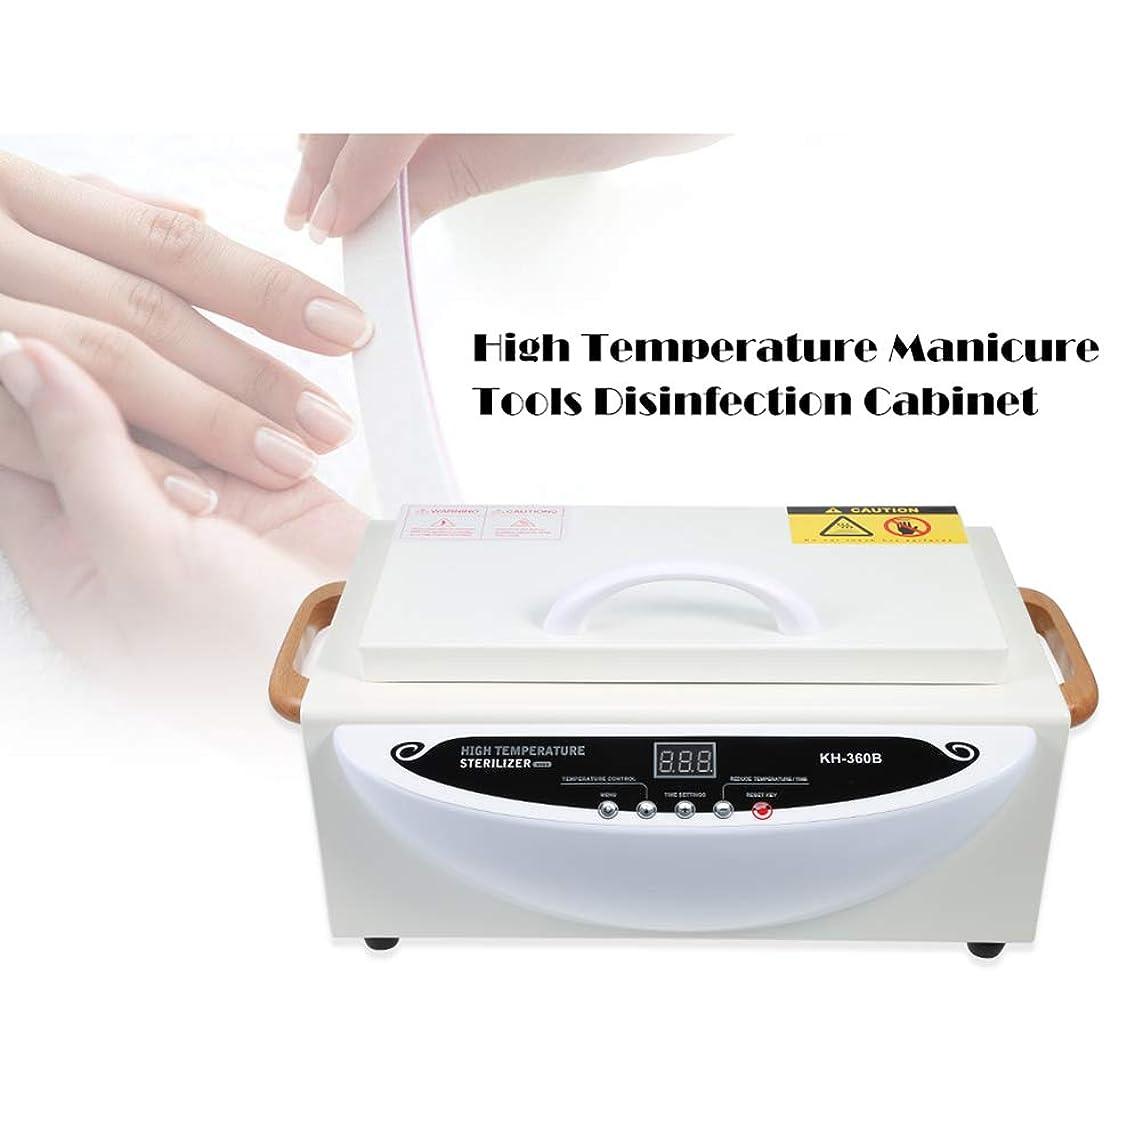 白菜忠誠守る高温殺菌ネイルアートサロンドライヒート殺菌電気マニキュアネイルツール消毒キャビネットポータブル機器